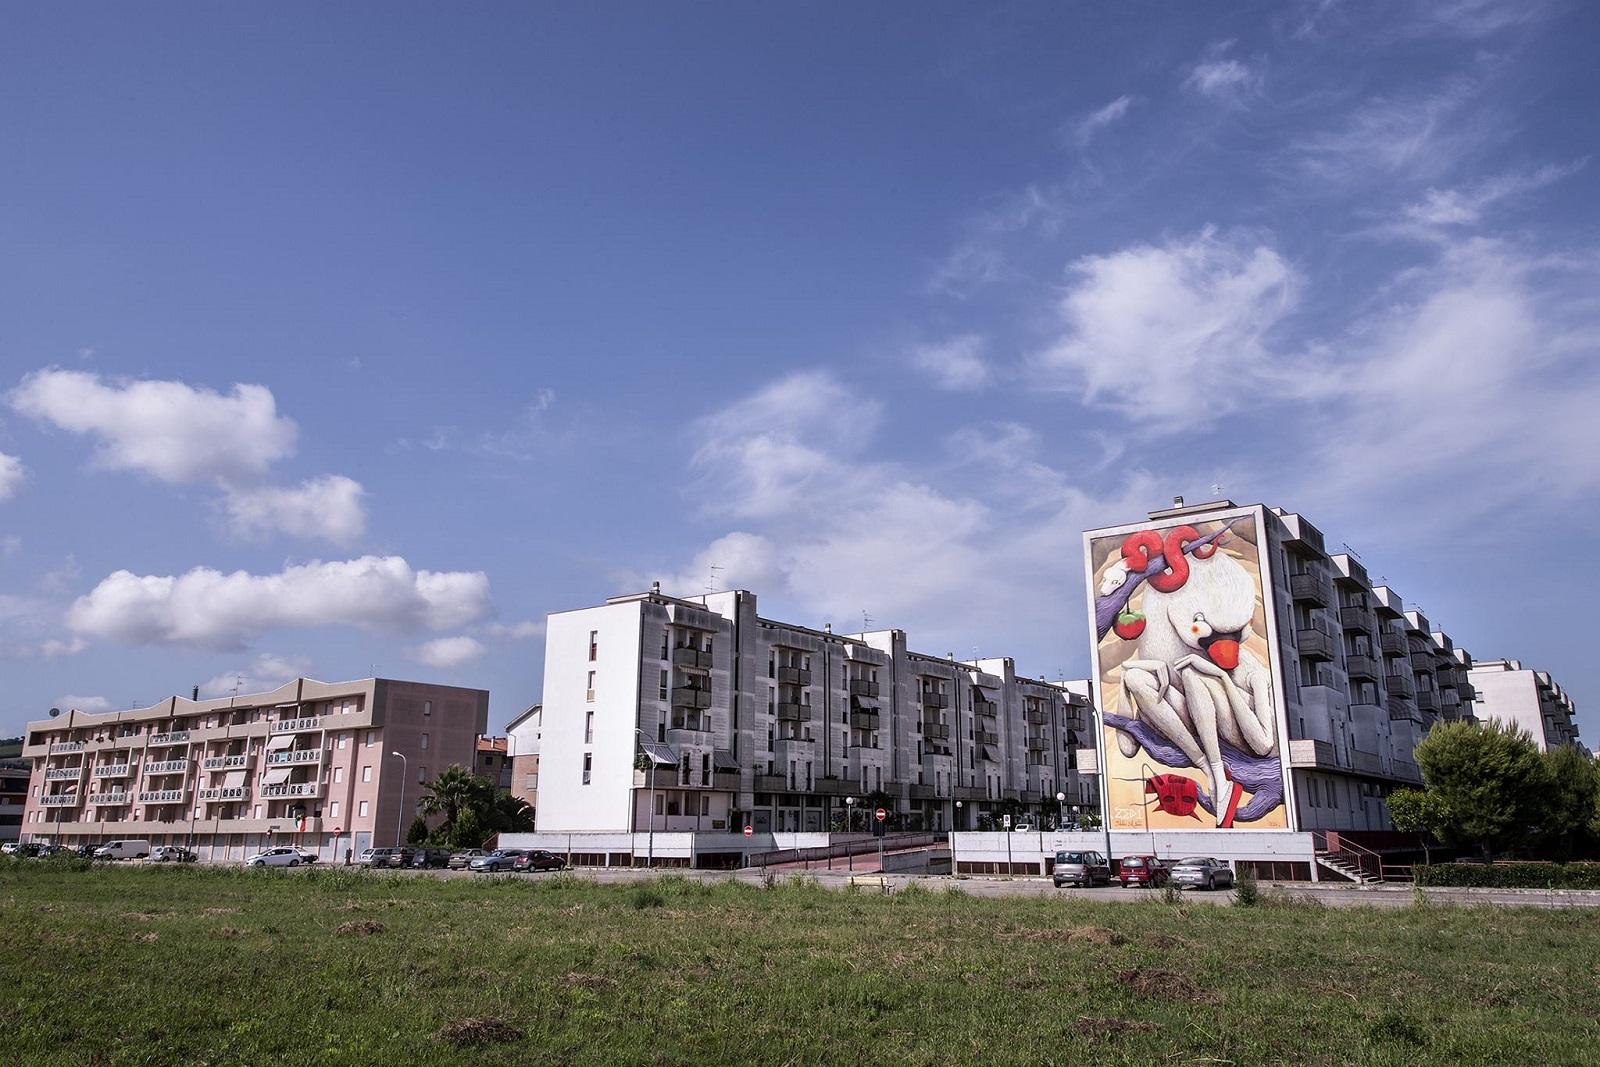 zed1-i-dubbi-dellanimo-a-new-mural-07